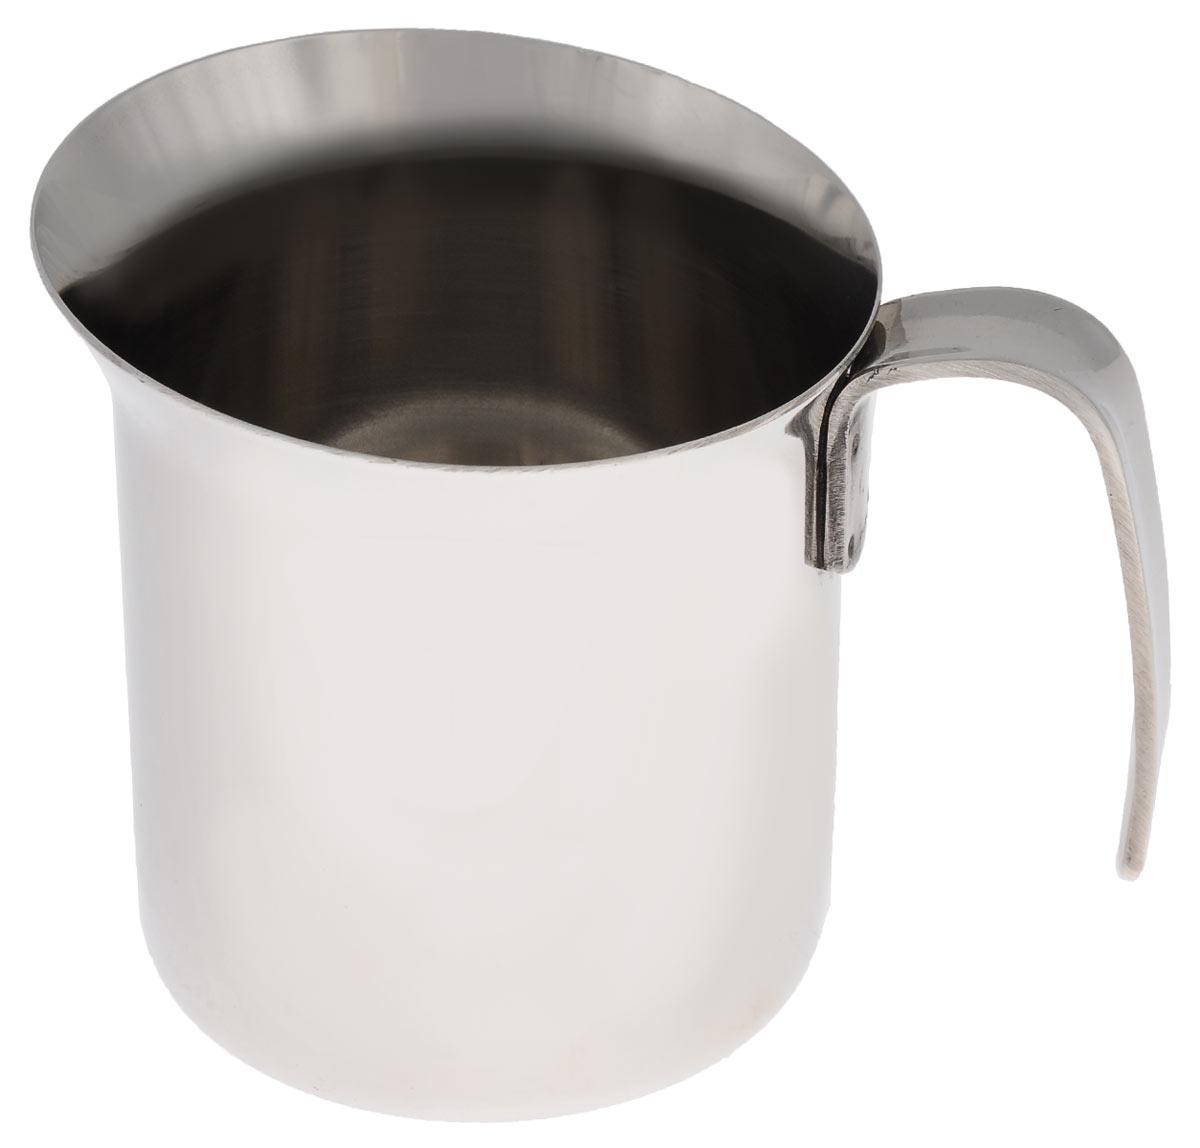 Кружка для взбивания молока Bialetti Lait, 300 мл54 009312Кружка для взбивания молока Bialetti Lait изготовлена из высококачественной нержавеющей стали. Изделие оснащено ручкой и специальным носиком для удобного выливания жидкости. Зеркальная полировка придает посуде эстетичный вид.Можно использовать на газовых, электрических и стеклокерамических плитах.Объем: 300 мл. Диаметр по верхнему краю: 8,5 см.Диаметр дна: 7 см. Высота стенки: 8,7 см.